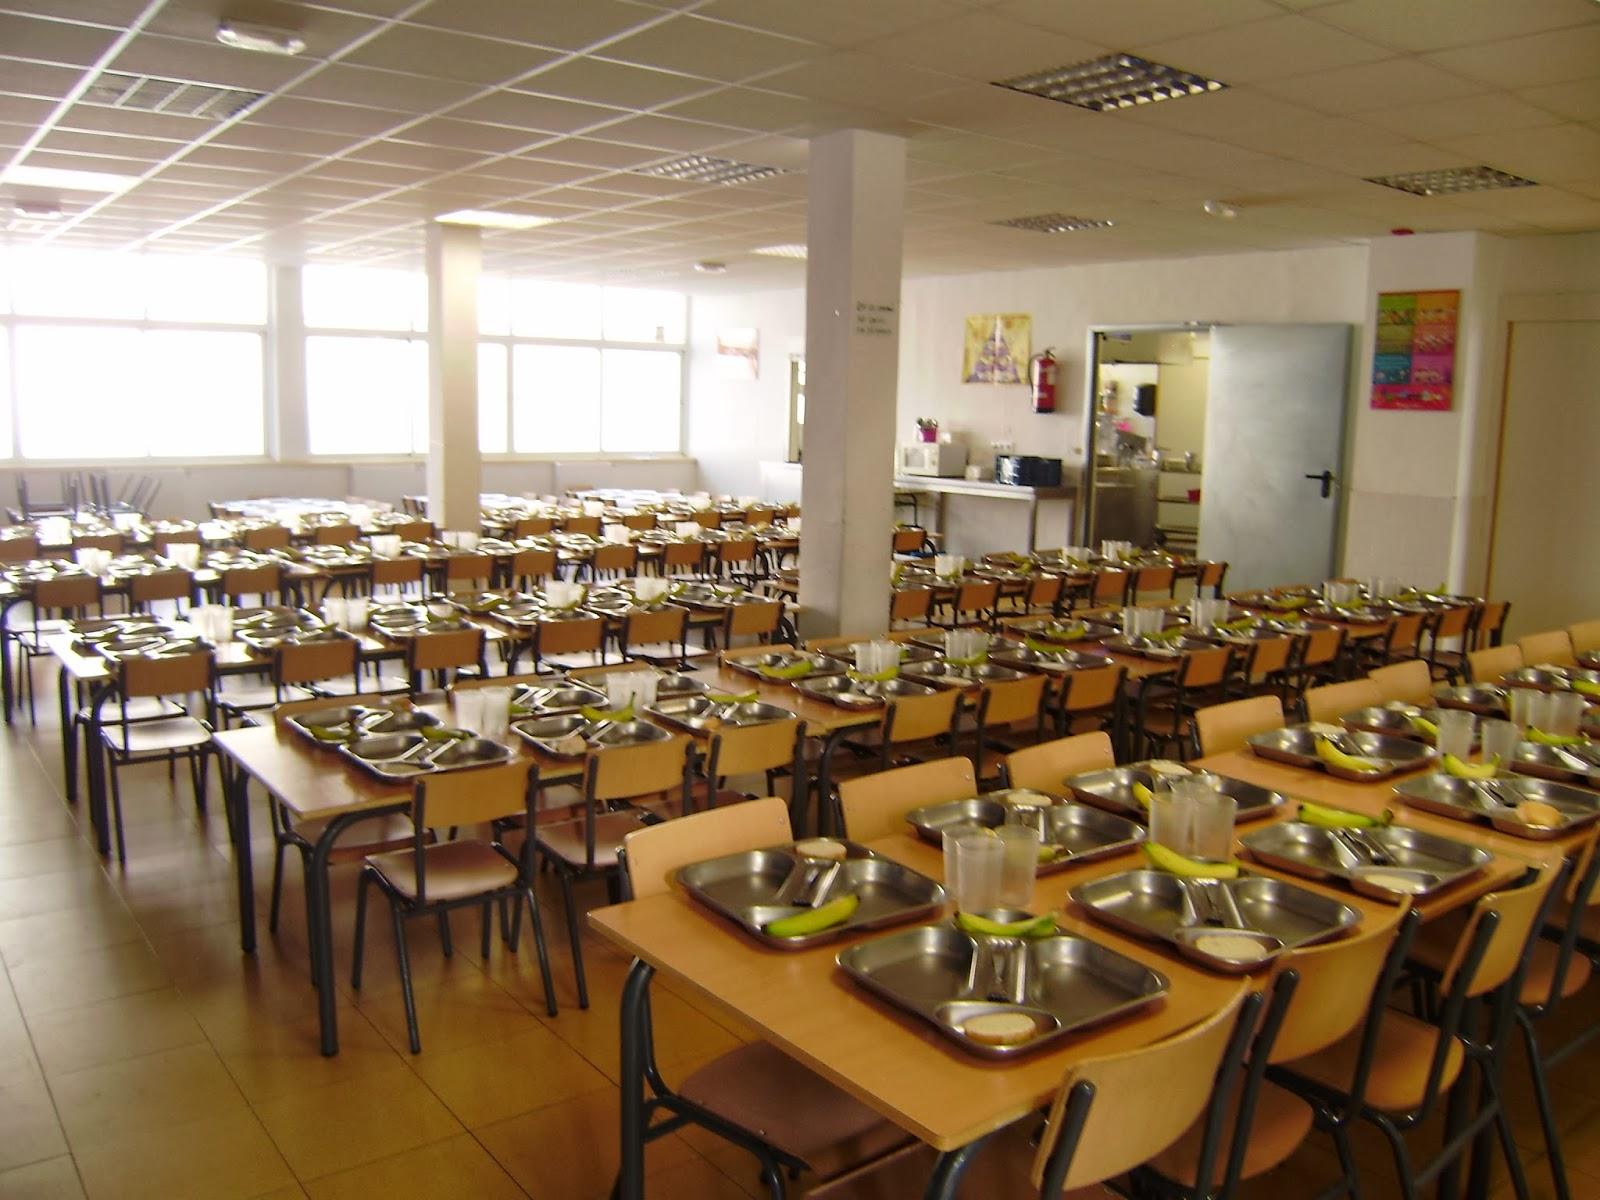 Se Retrasa La Licitaci N De Los Comedores Escolares Por